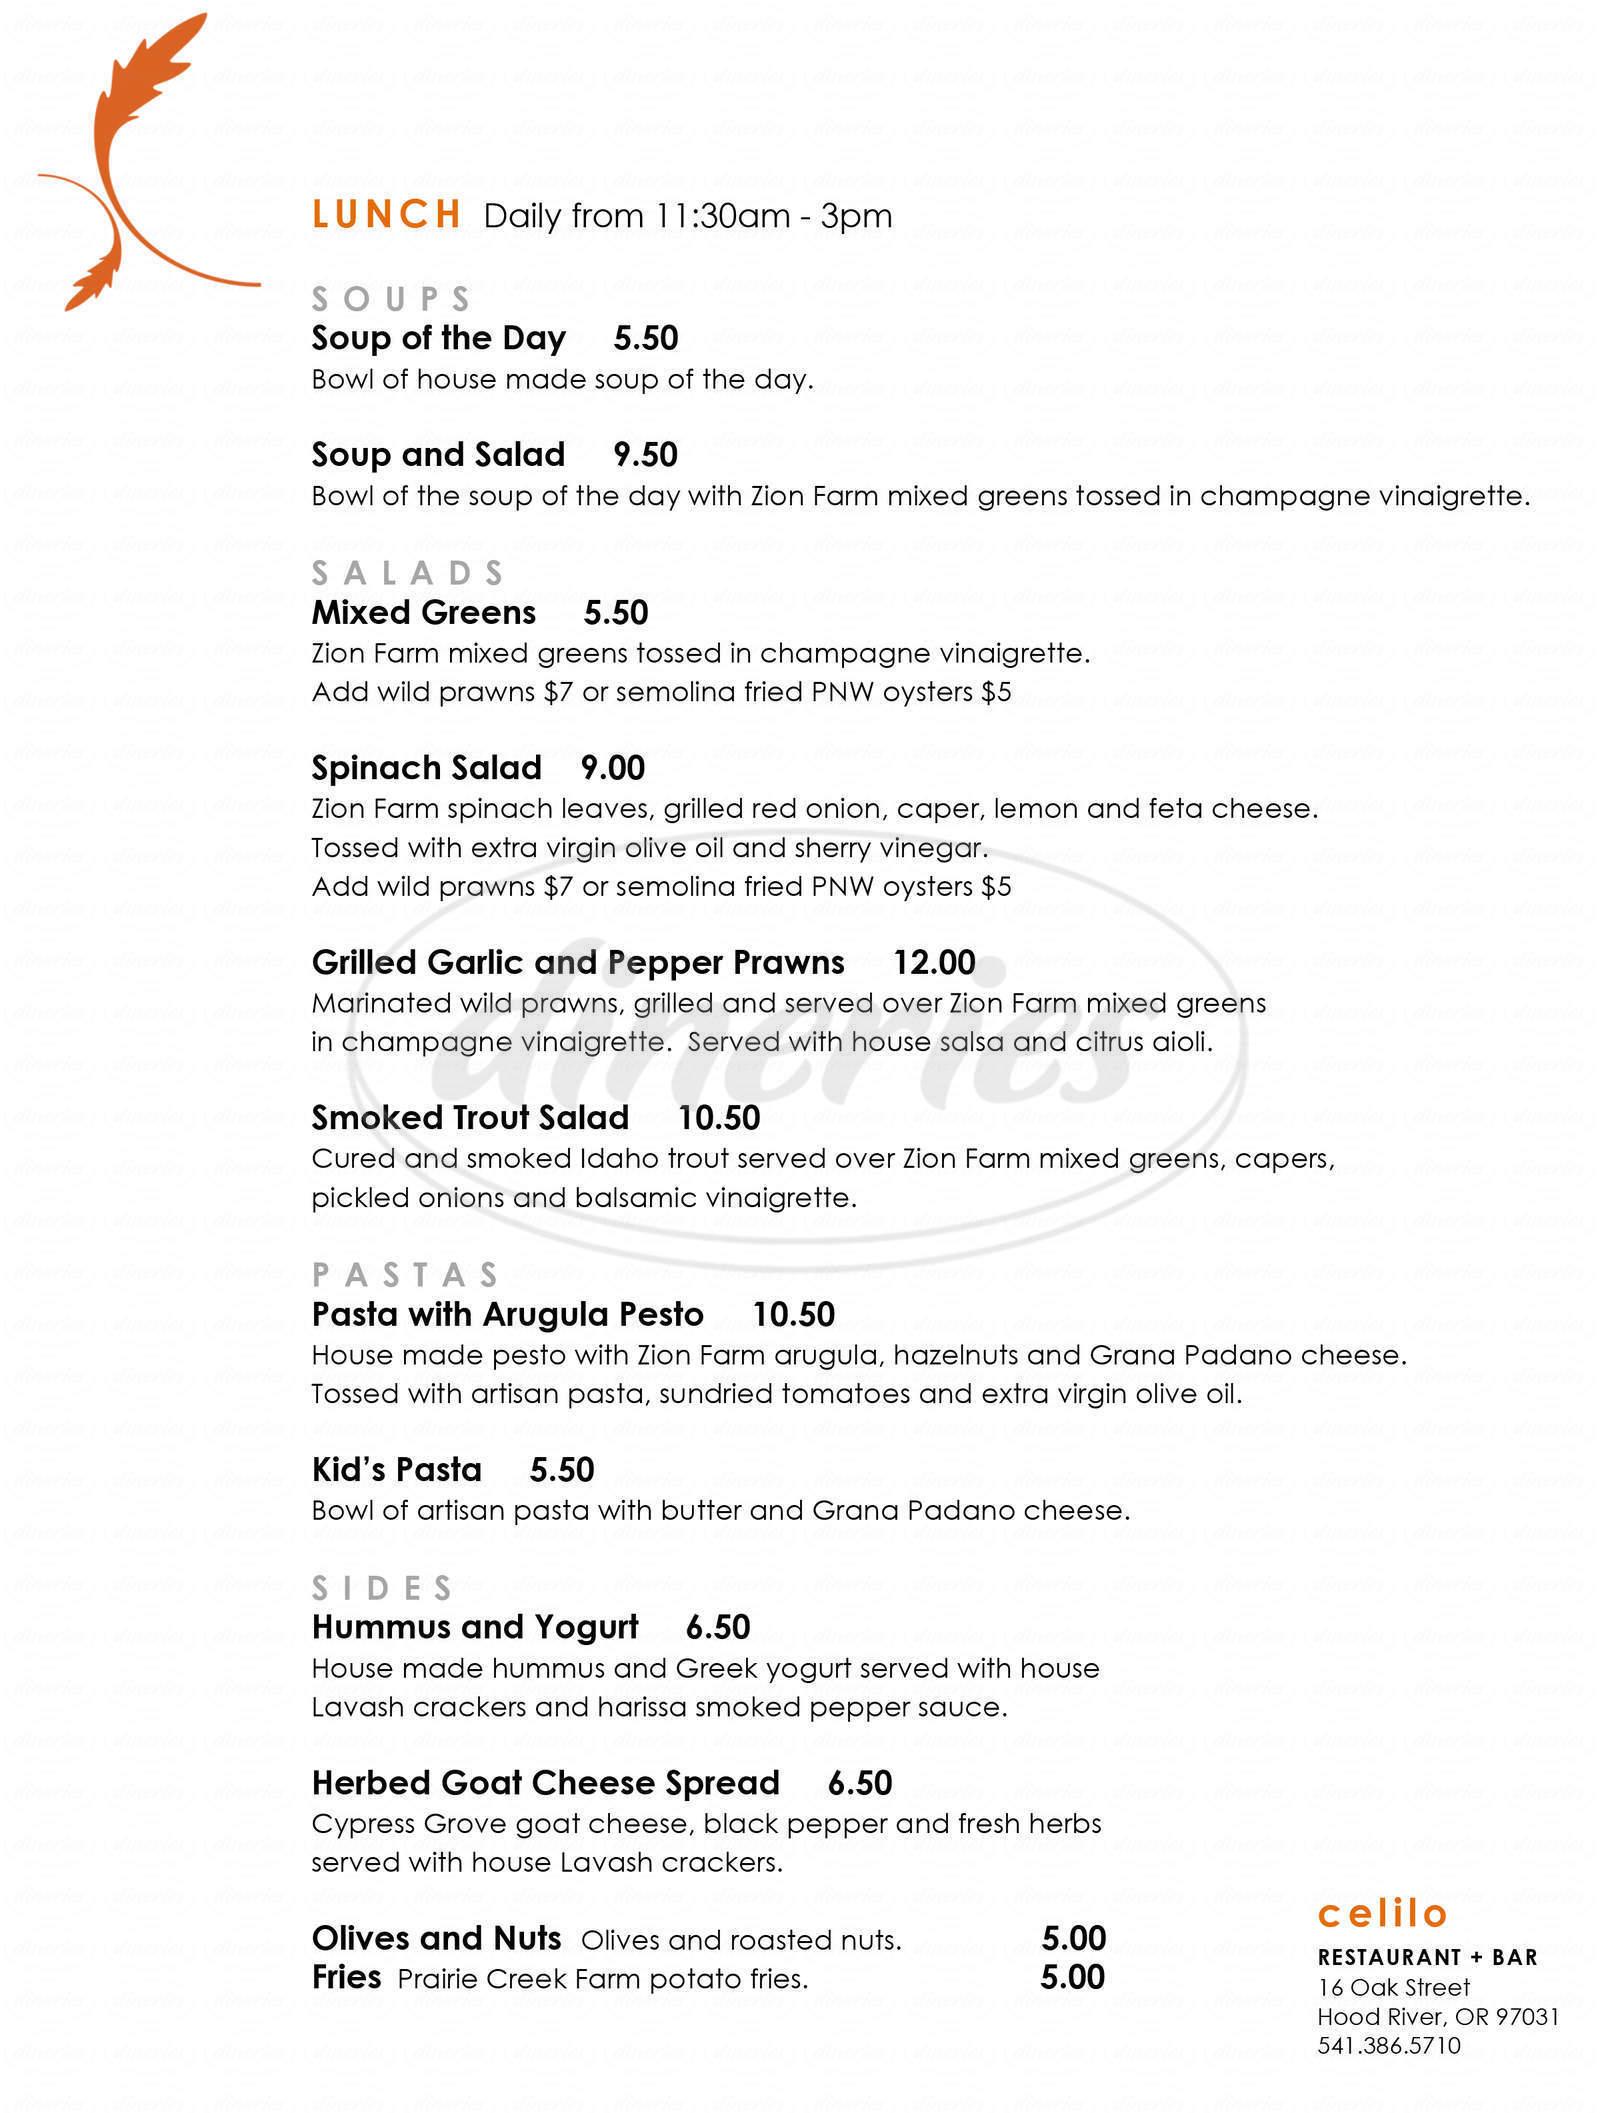 menu for Celilo Restaurant and Bar